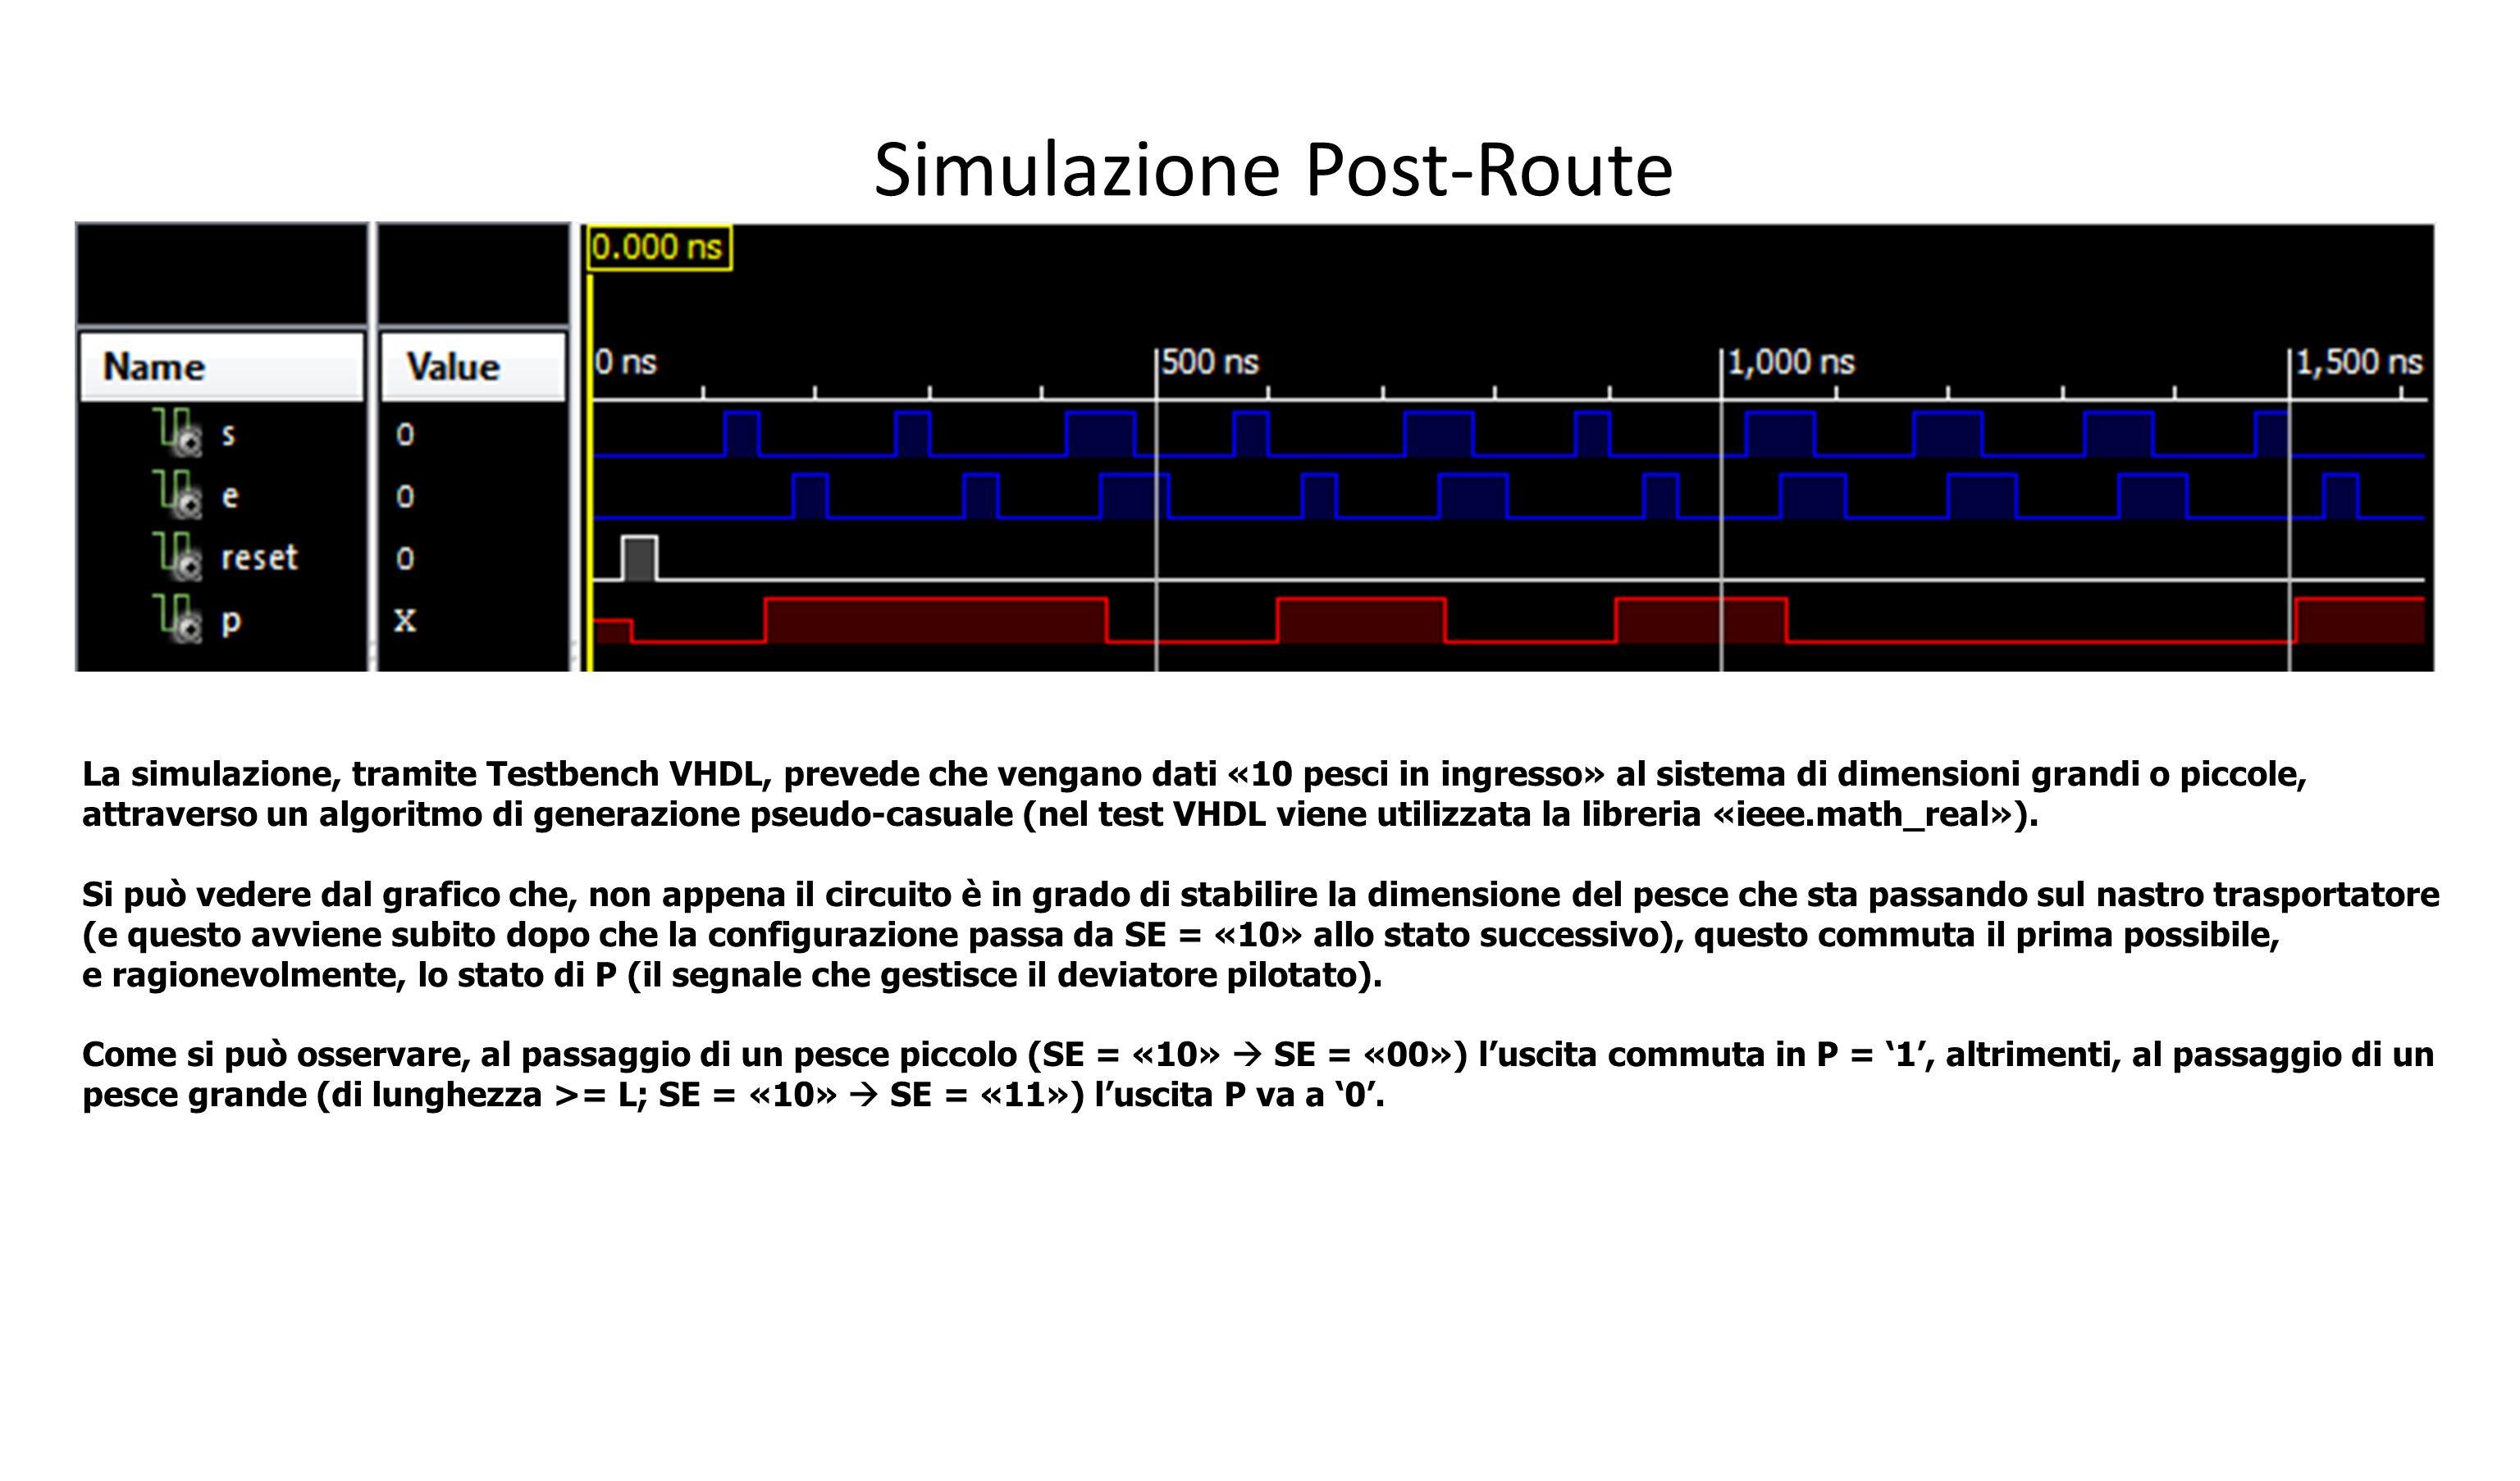 Simulazione Post-Route La simulazione, tramite Testbench VHDL, prevede che vengano dati «10 pesci in ingresso» al sistema di dimensioni grandi o picco